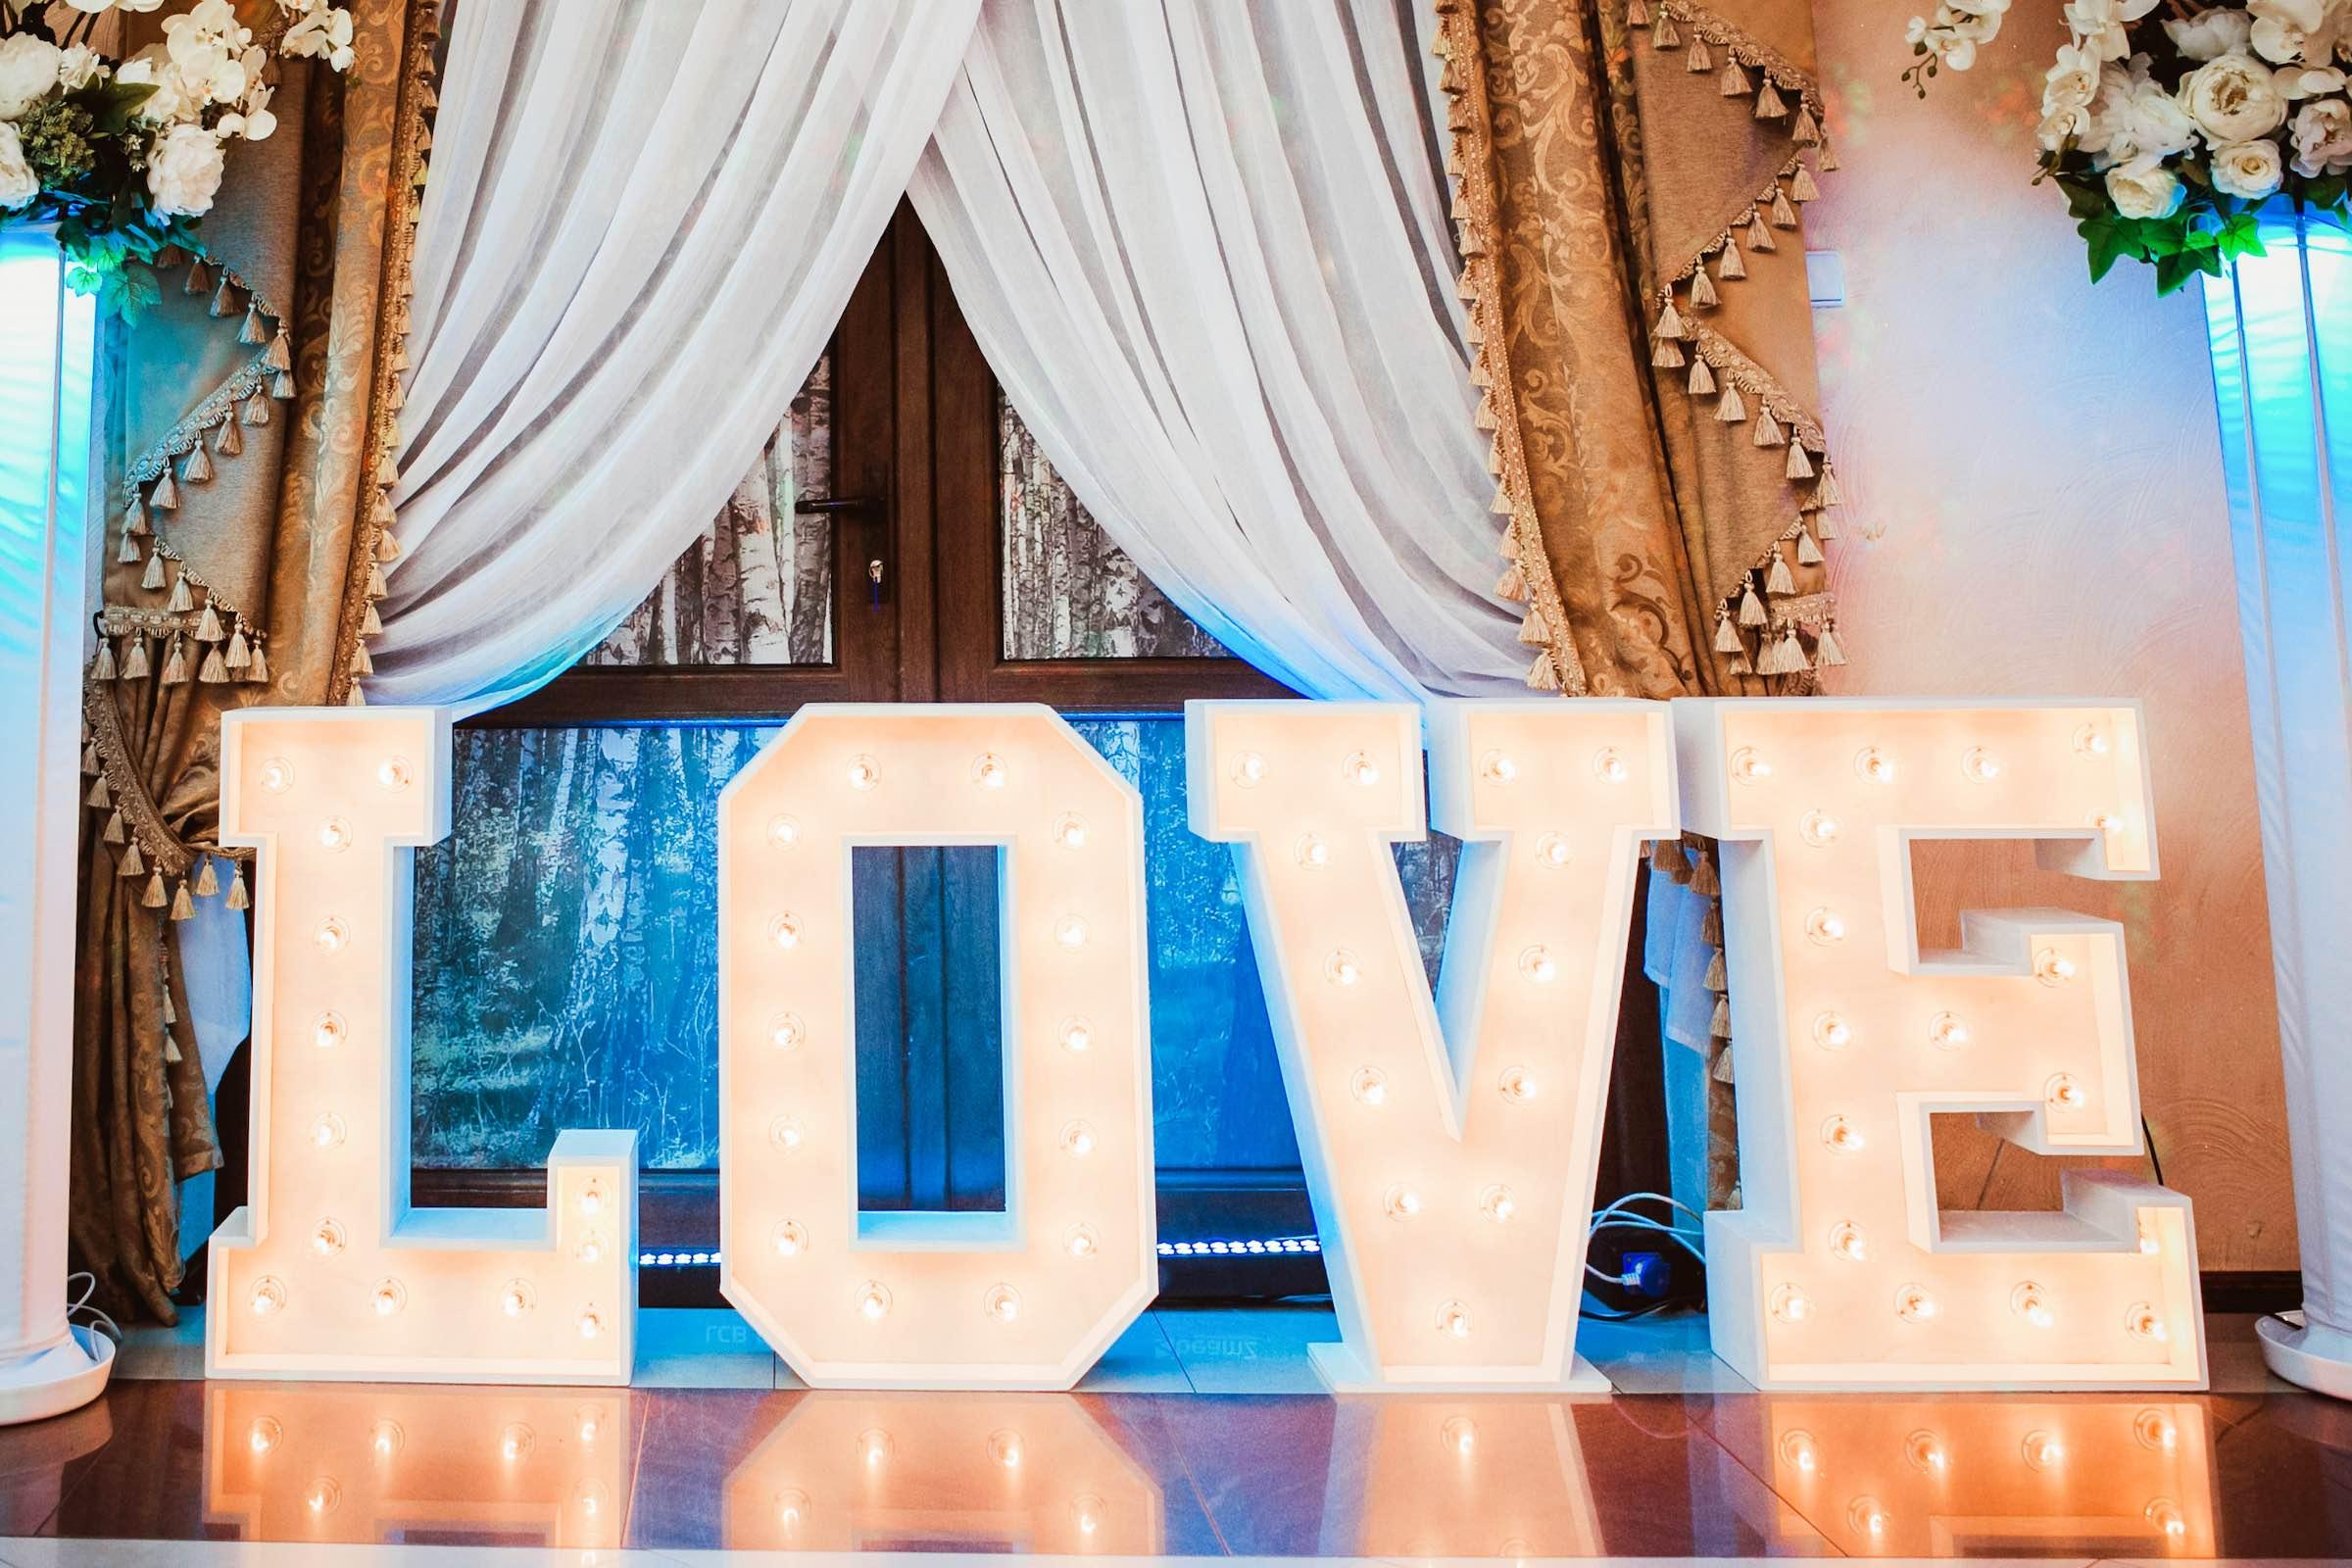 Leuchtbuchstaben | LED | Buchstaben | Anlieferung | Beleuchtete | XXL | Holz | Love | Hochzeit | Hannover | Quertz | Mieten | Buchen | Anfragen | Lehmann | Eventservice